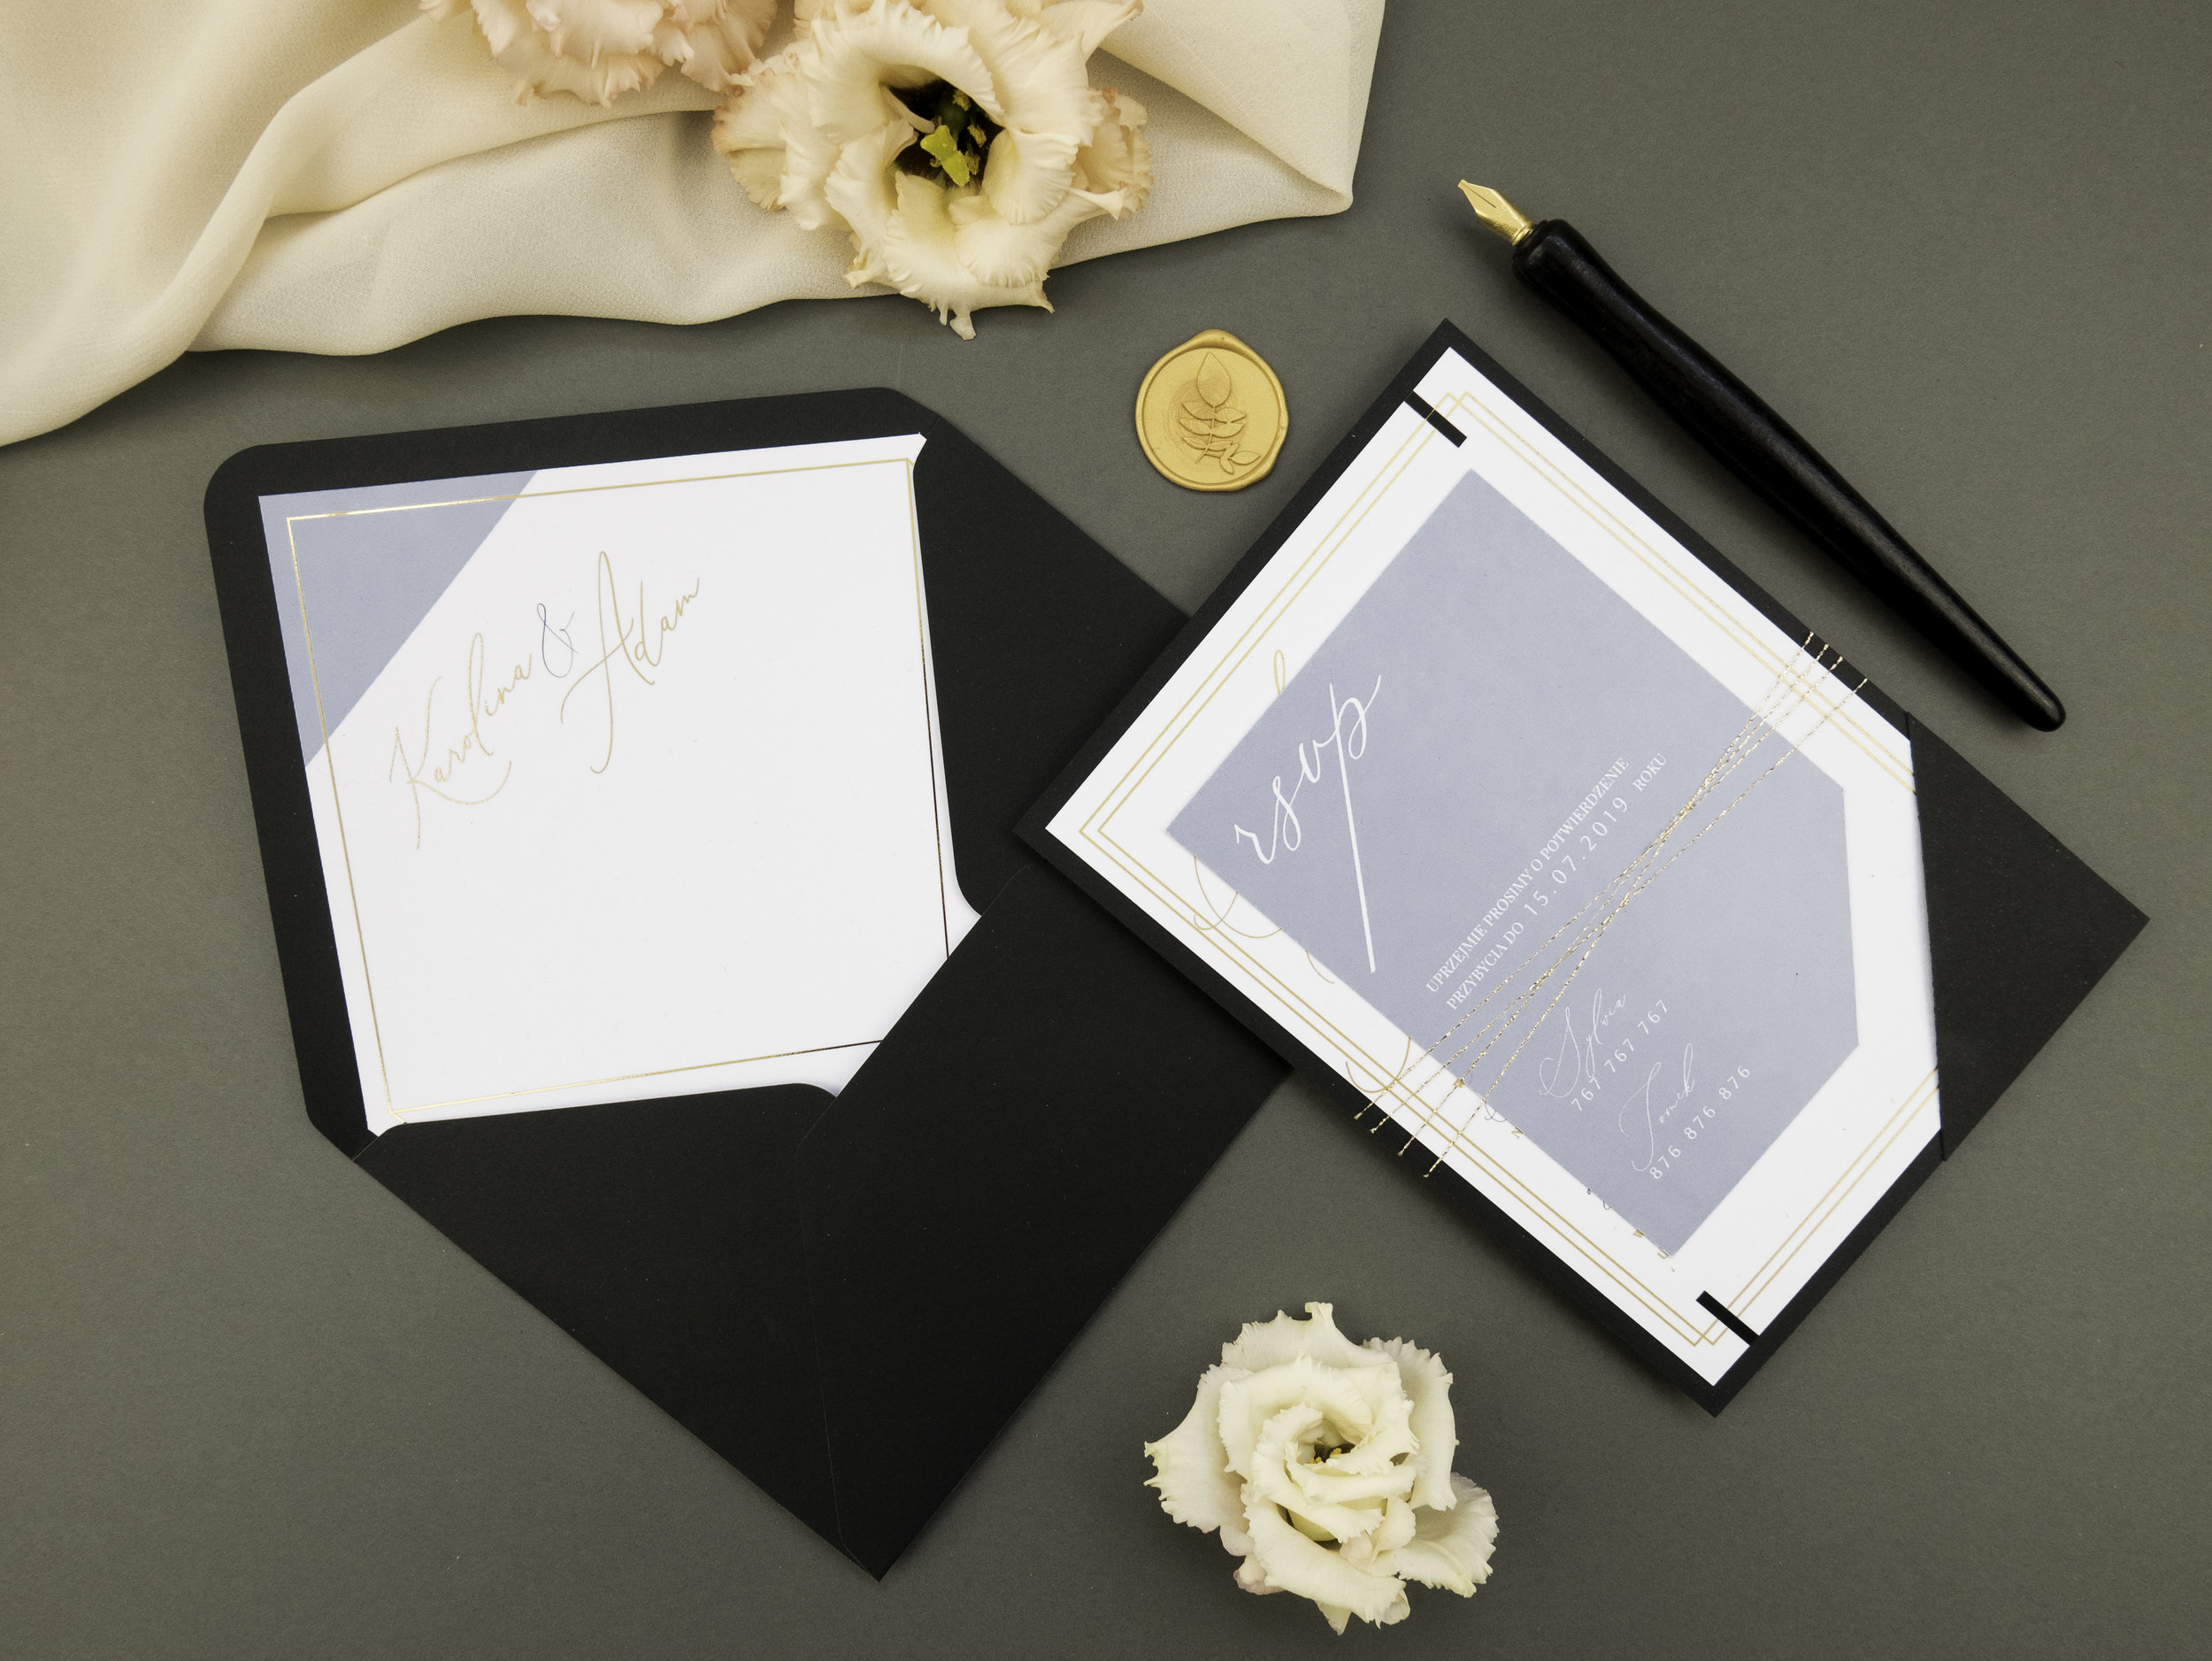 nowoczesne-zaproszenia-slubne_nietypowe_zlocone_eleganckie_zlota-folia_w-folderze_co-nieco-papieru3.JPG